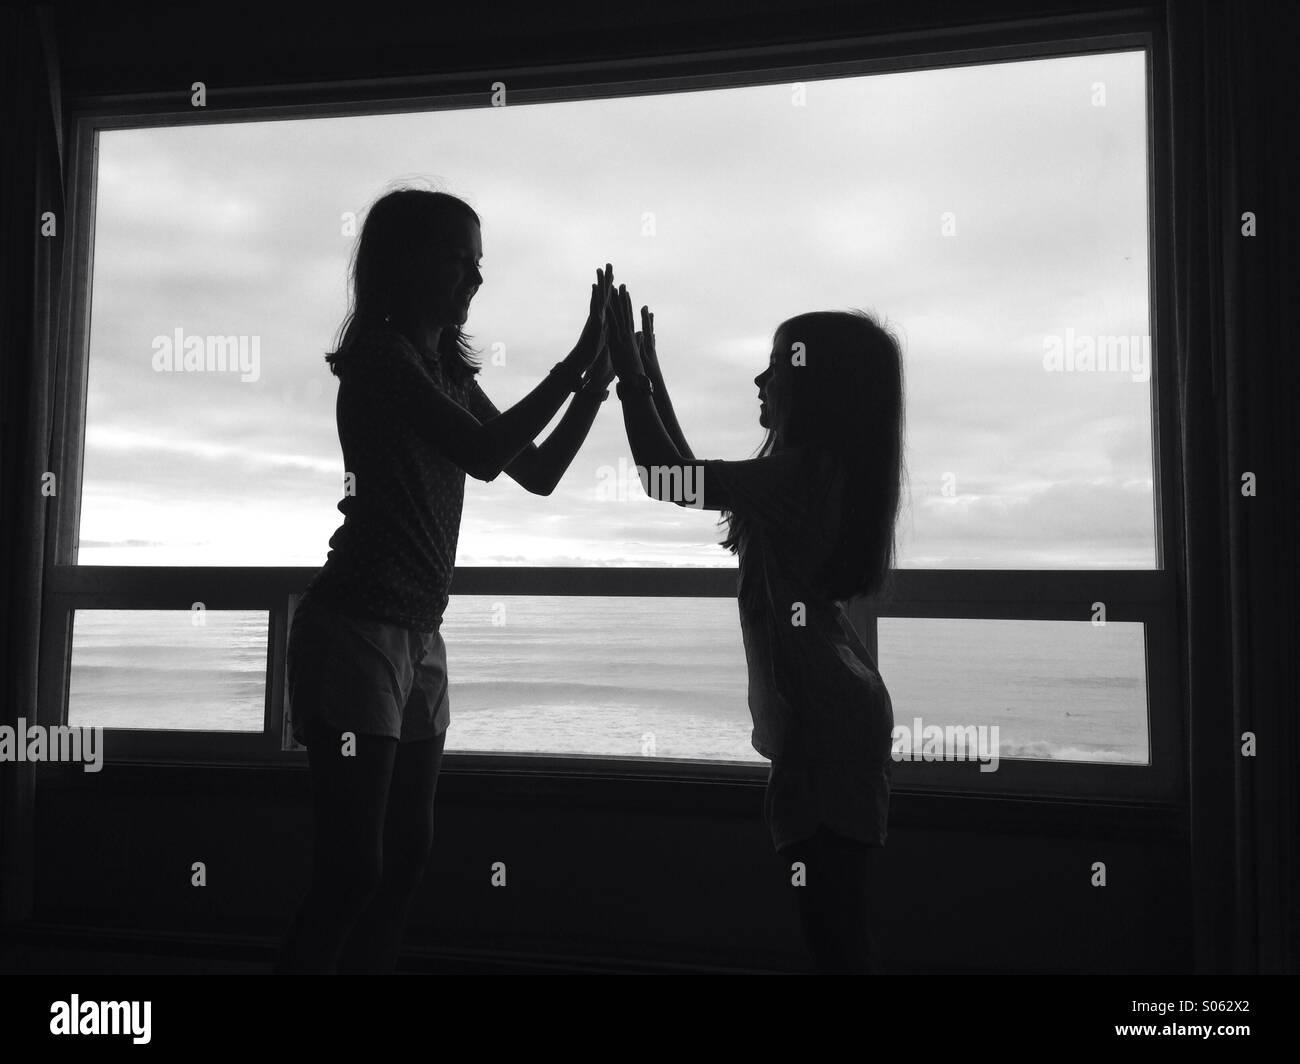 Dos niñas en silueta alta cinco delante de una ventana de imagen. La imagen es en blanco y negro. Imagen De Stock